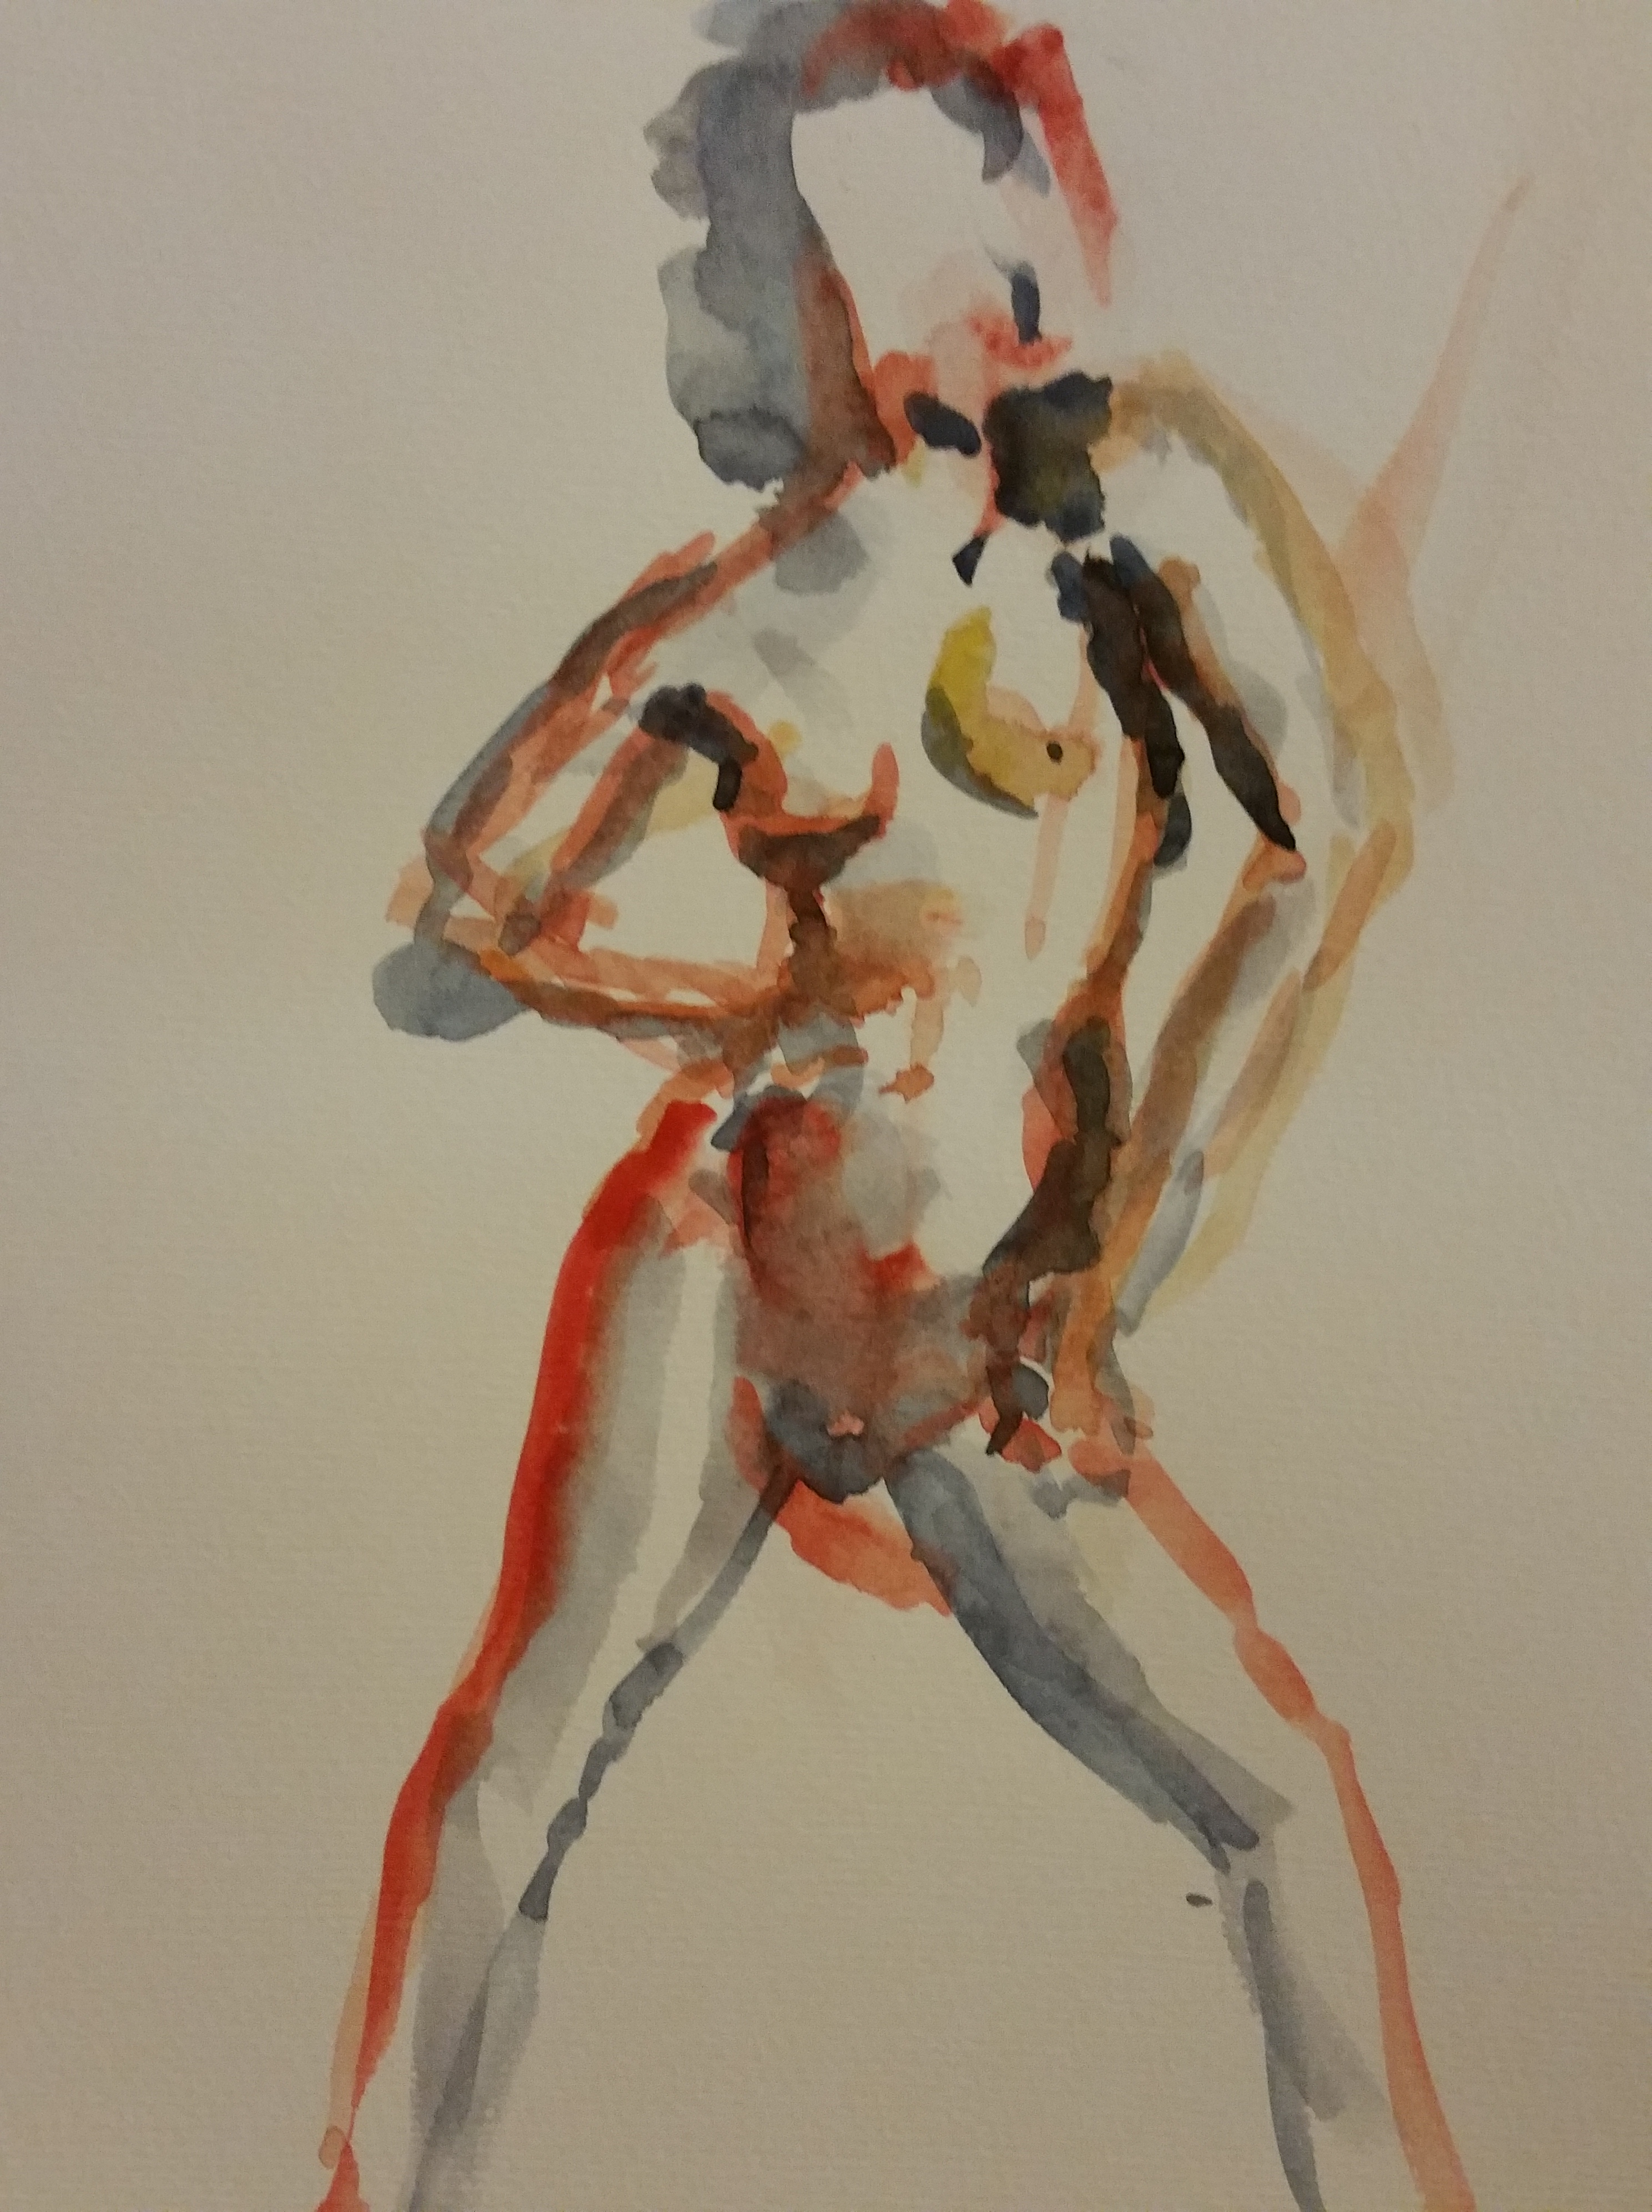 Esquisse aquarelle danse polychrome  cours de dessin